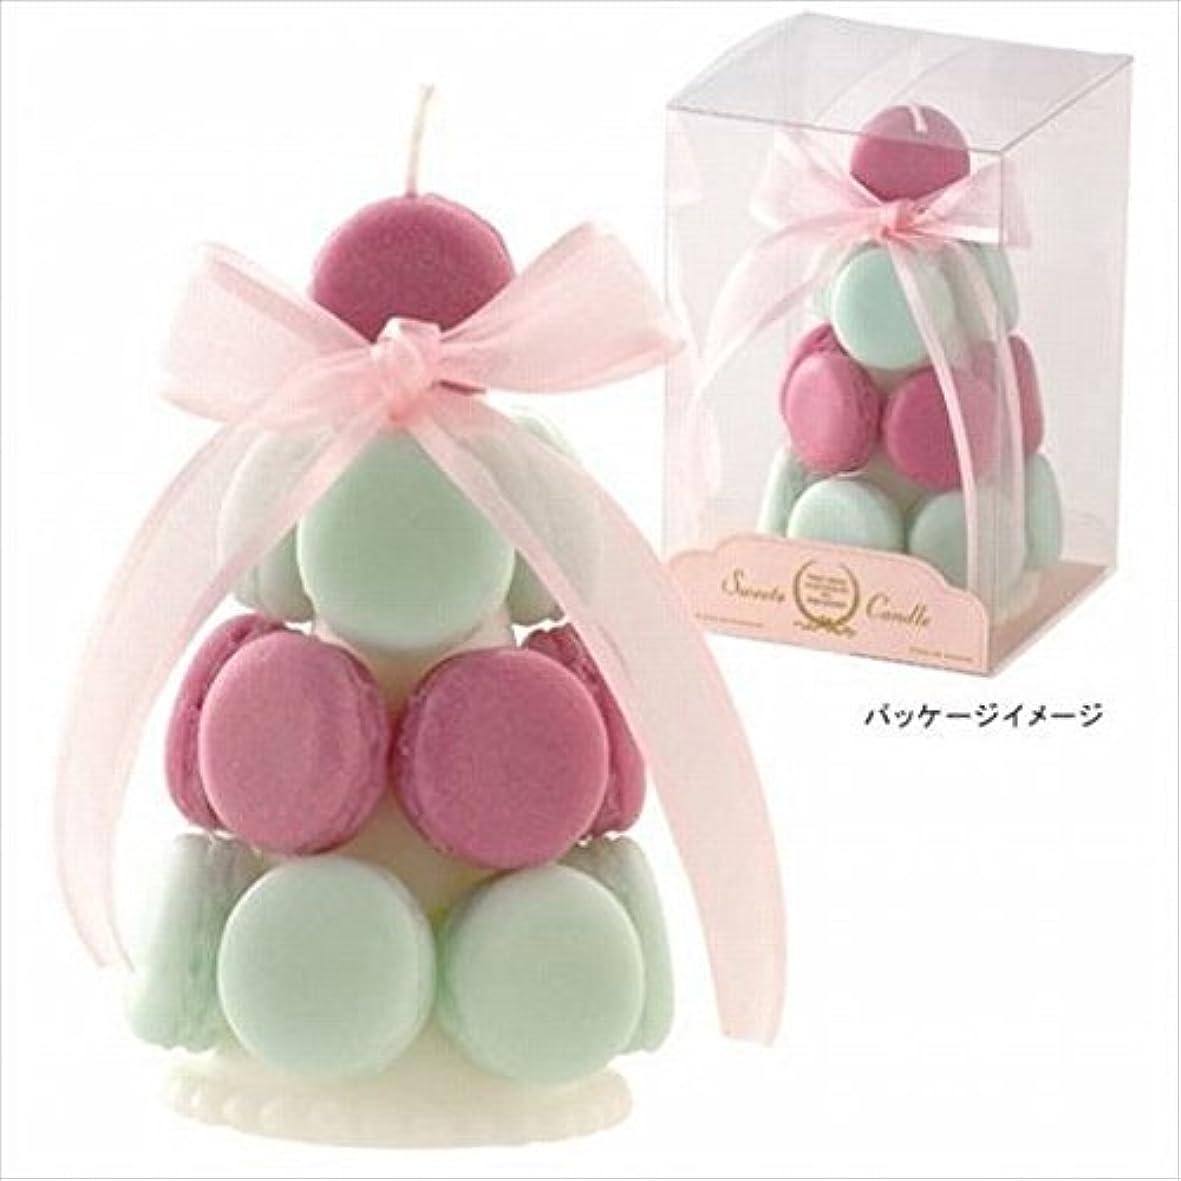 不愉快虫反逆kameyama candle(カメヤマキャンドル) ハッピーマカロンタワー 「 メロングリーン 」(A4580520)